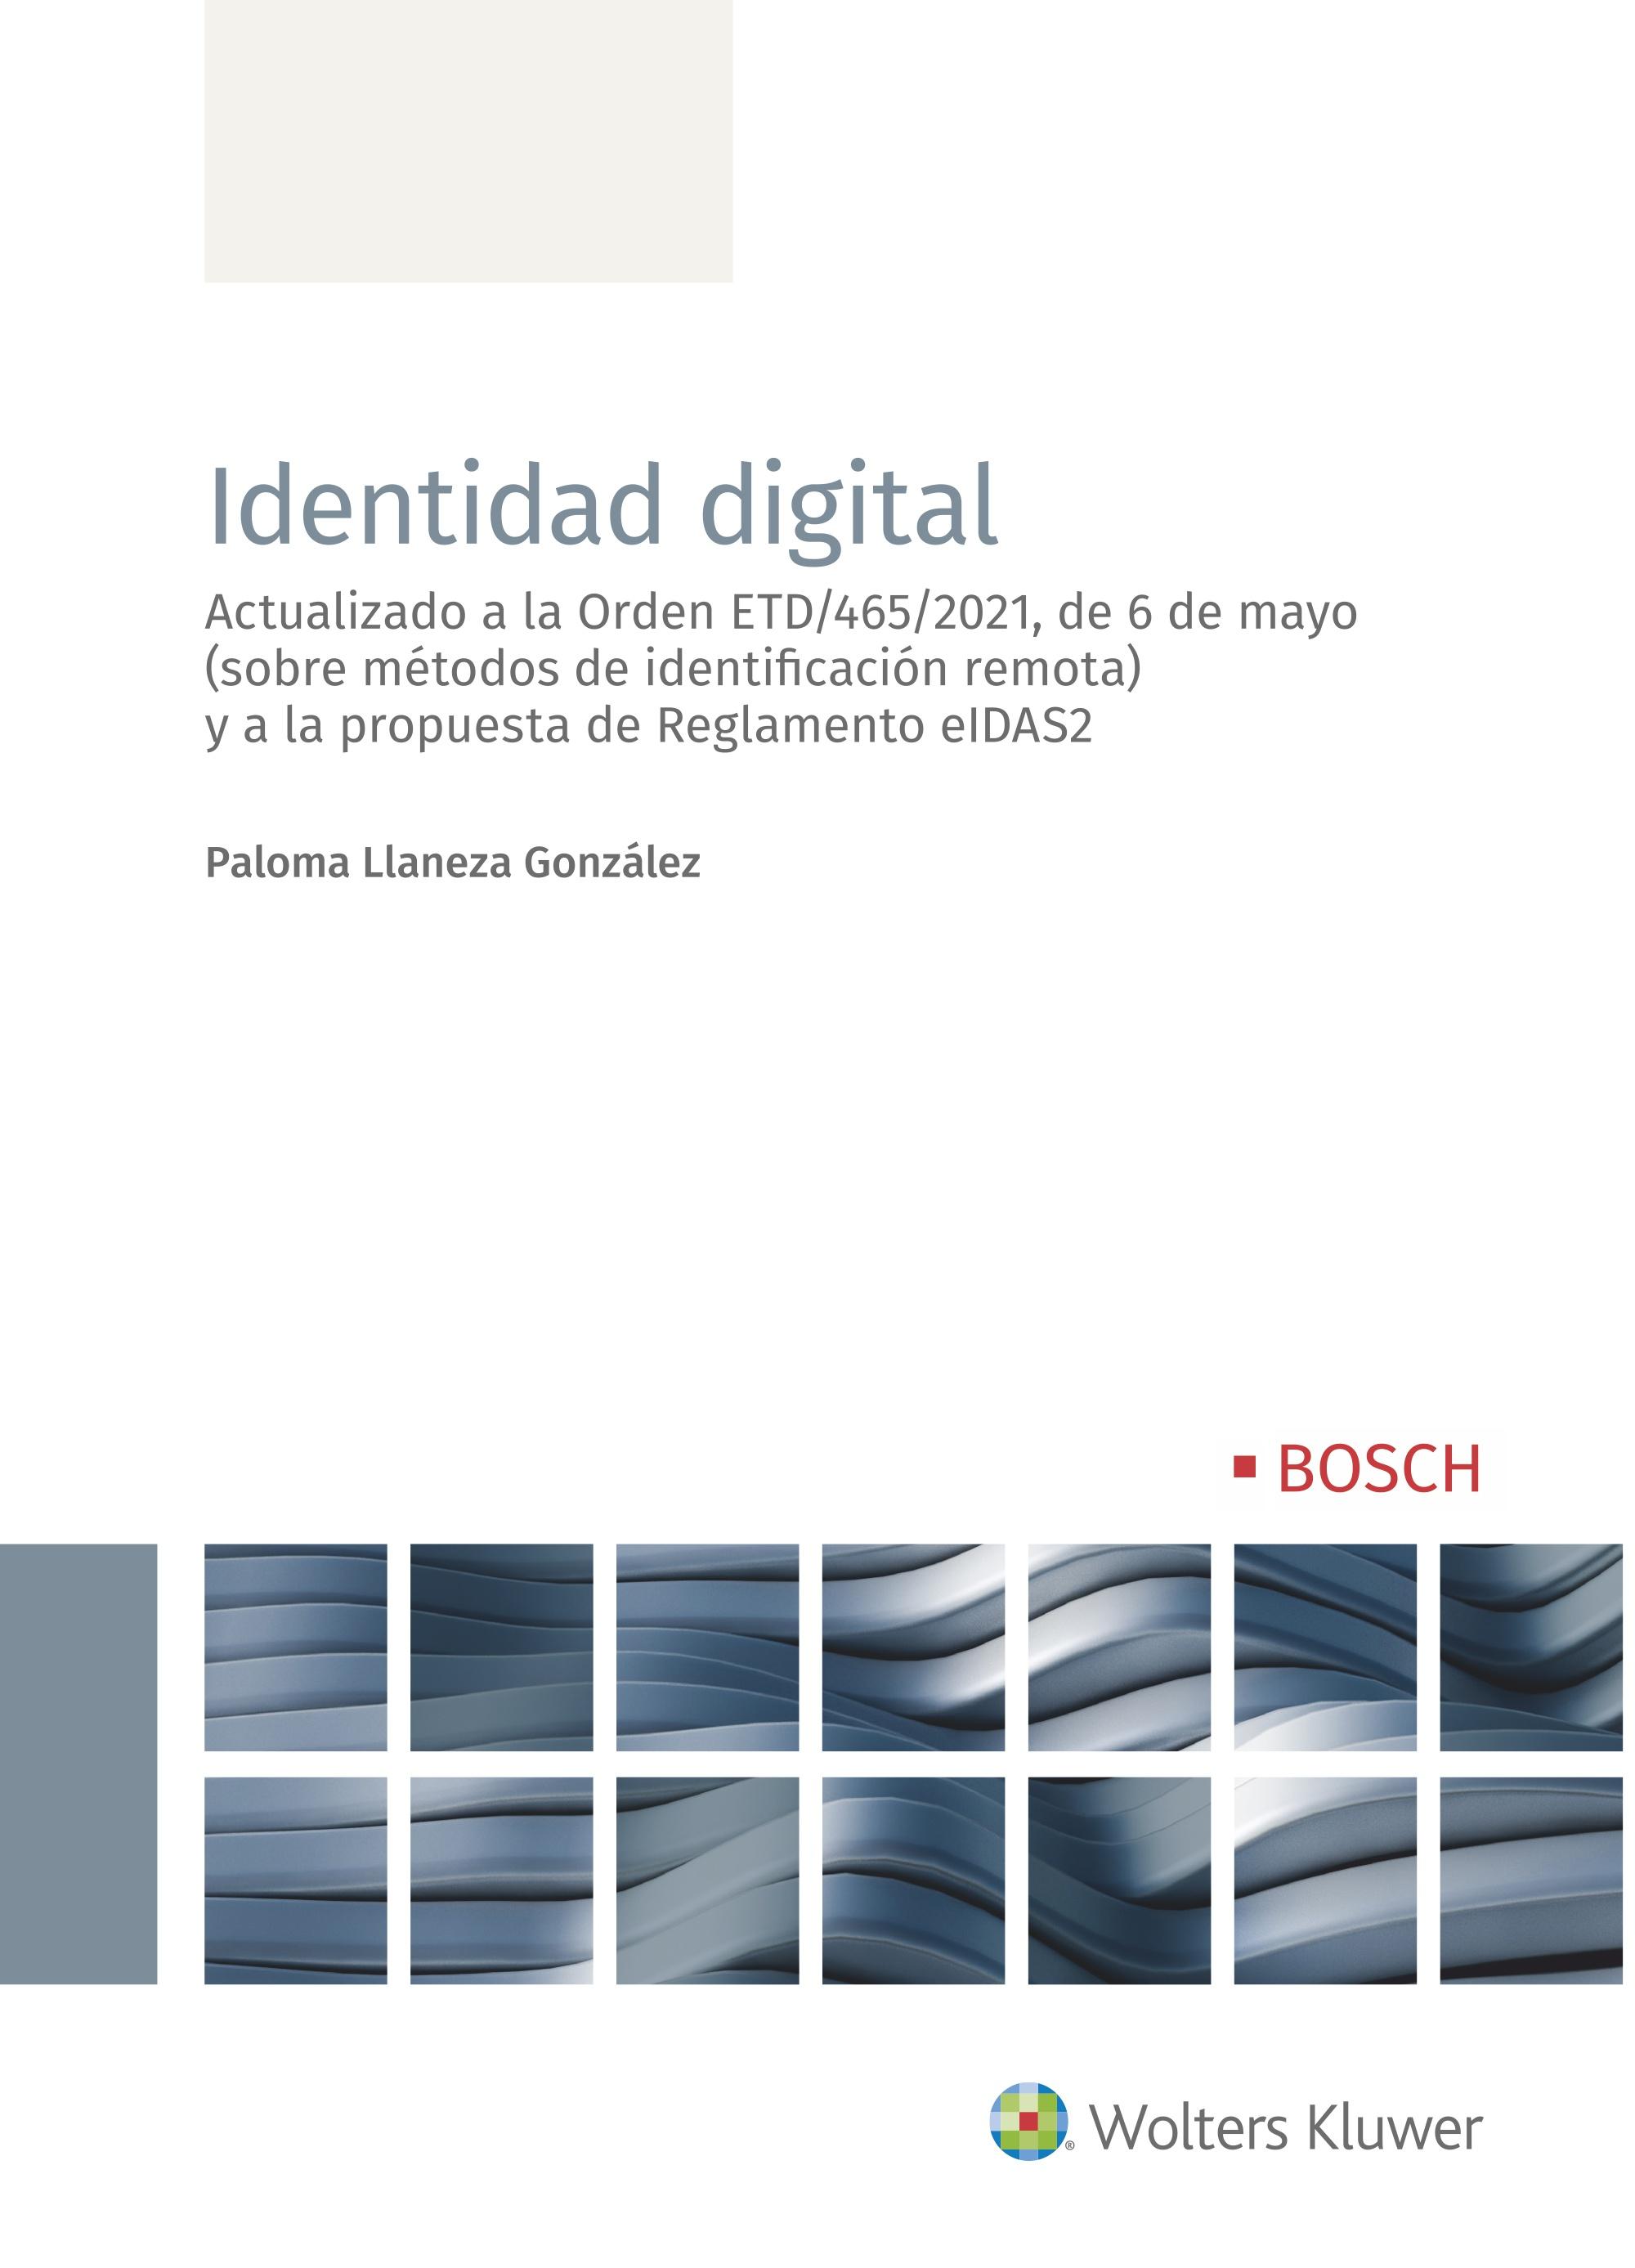 Identidad digital   «Actualizado a la Orden ETD/465/2021, de 6 de mayo (sobre métodos de identificación remota) y a la propuesta de Reglamento eIDAS2»